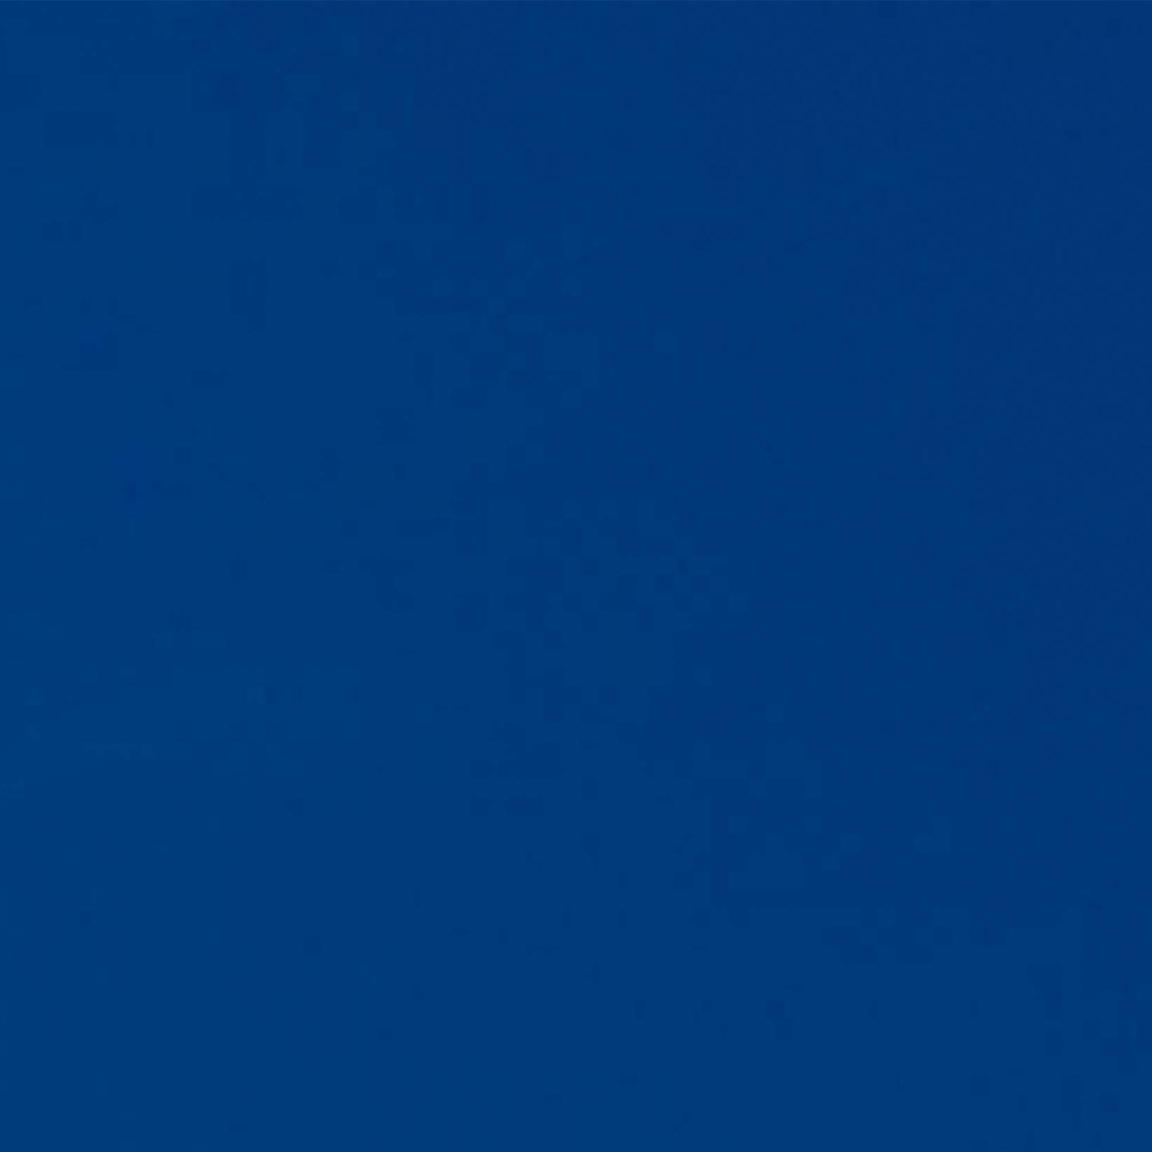 Mavi Emaye - Düz Yüzey